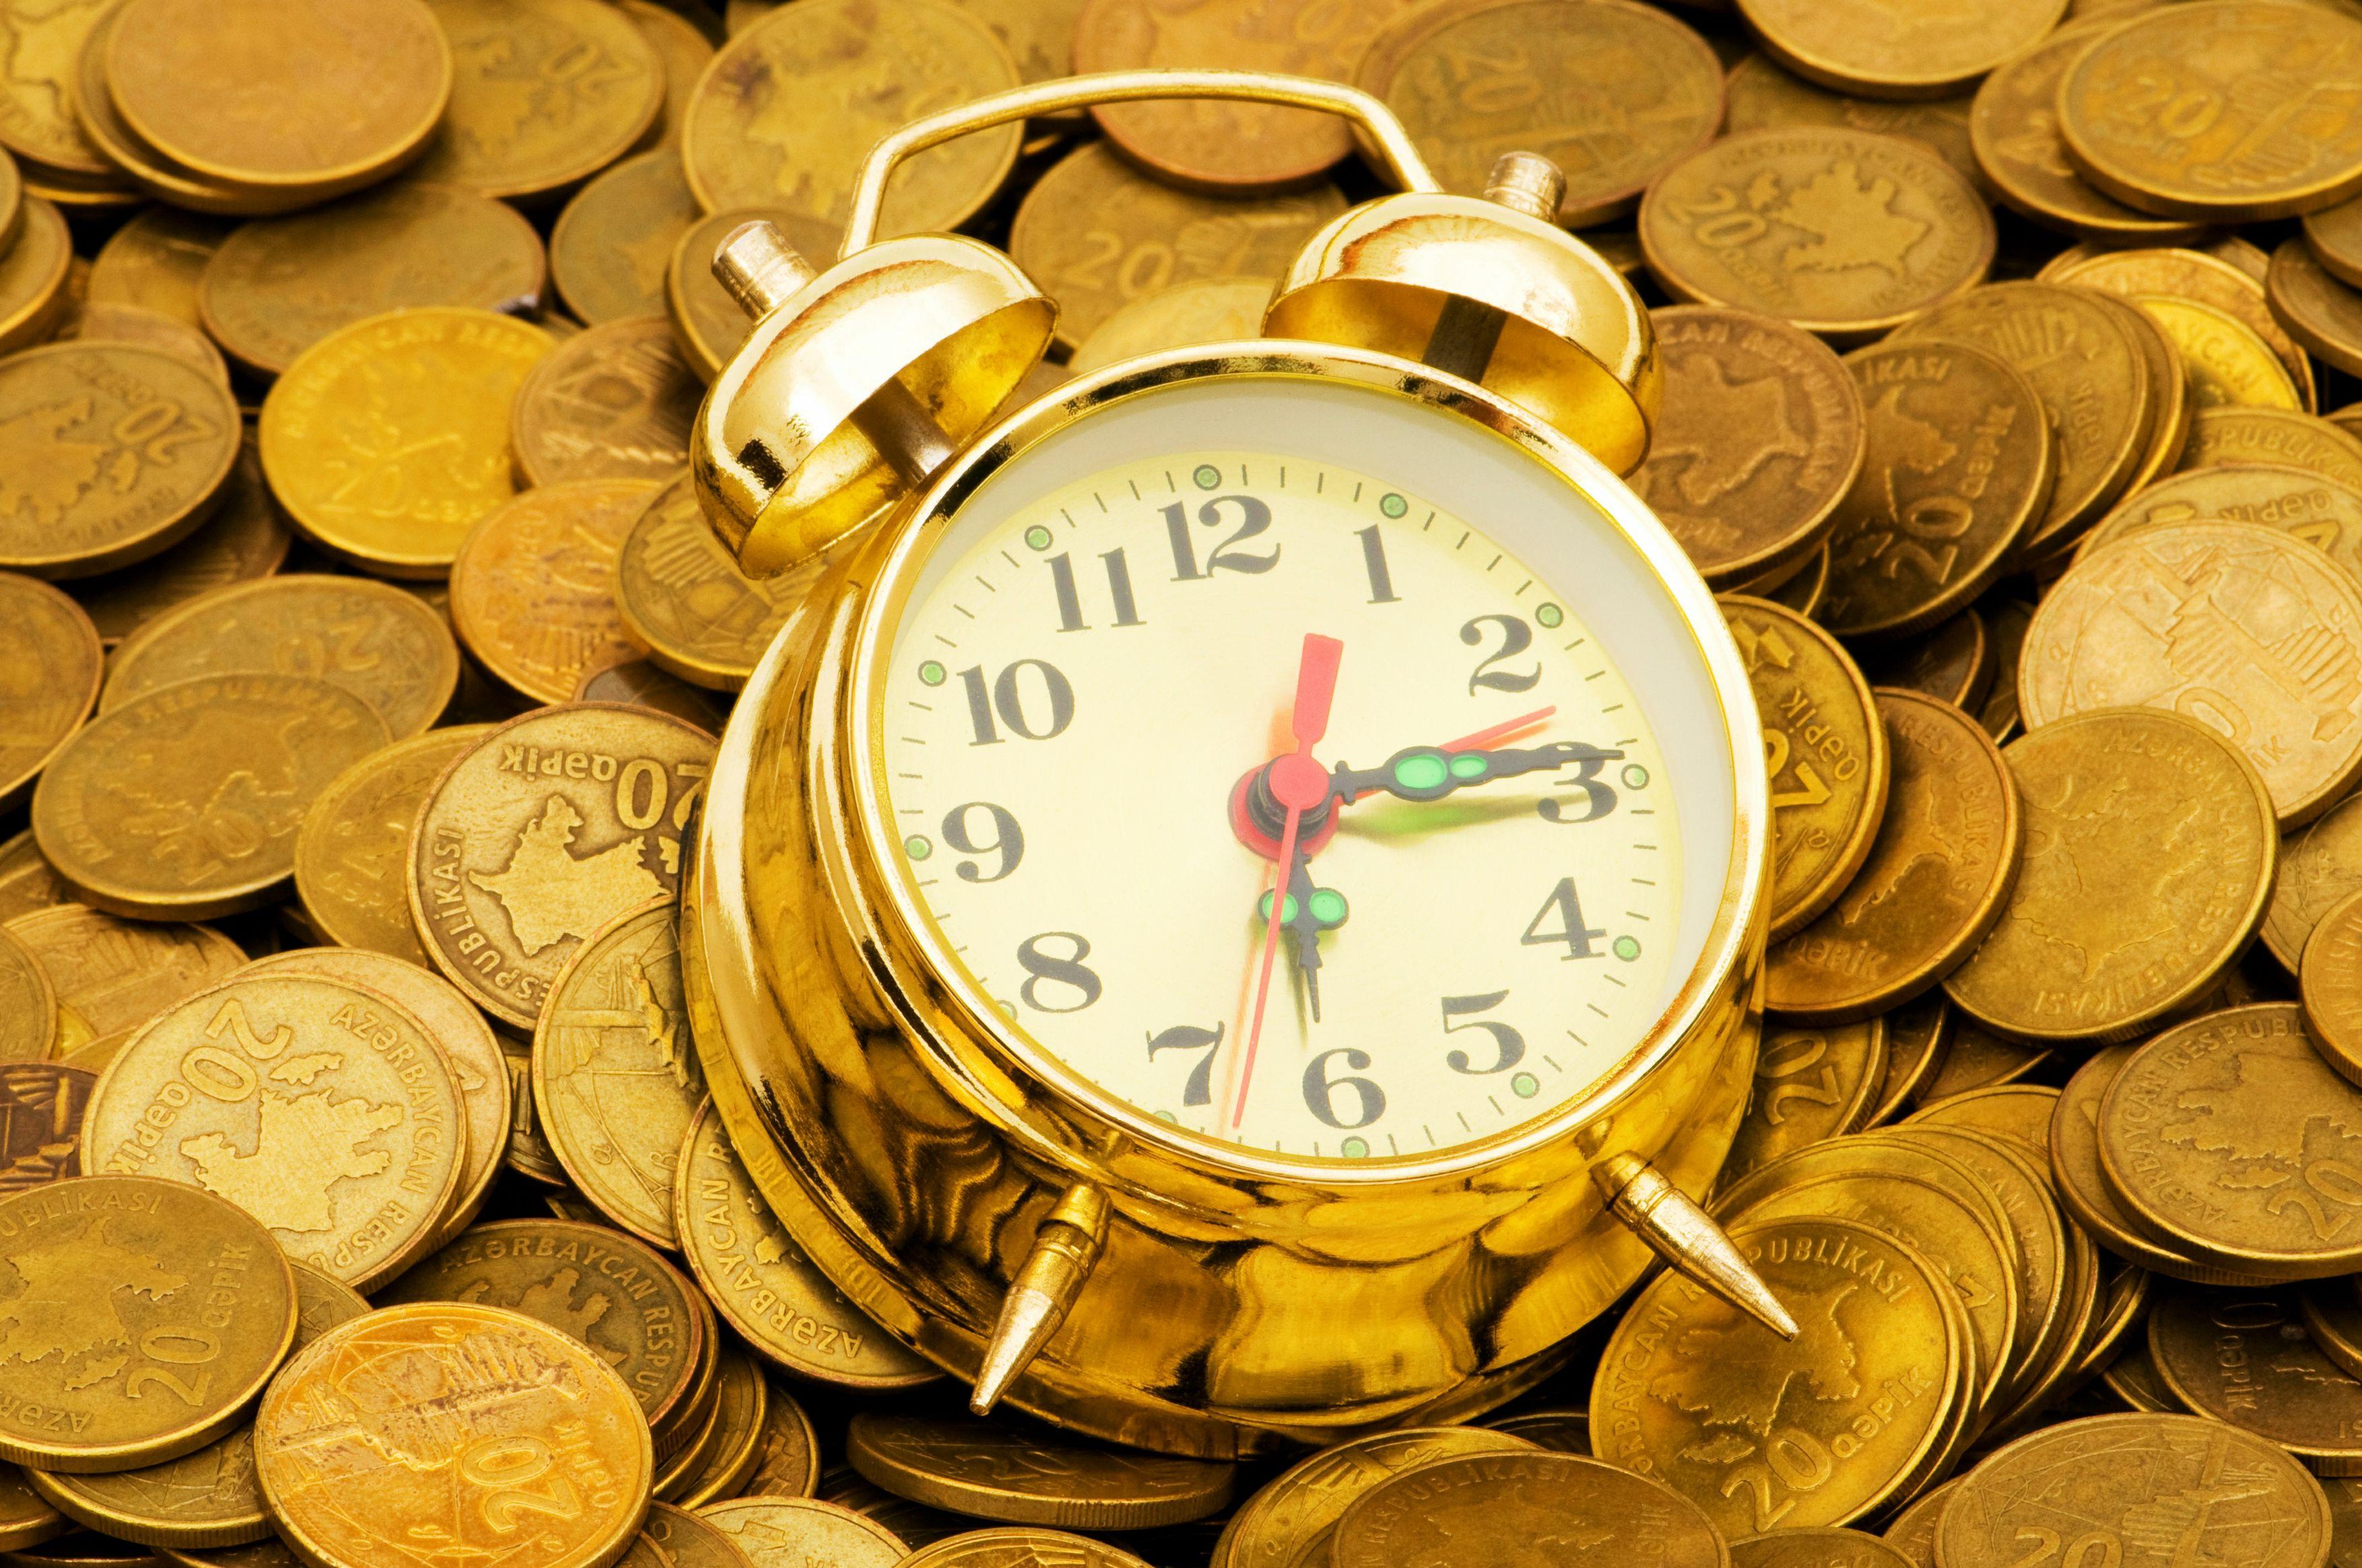 【中信债券】如何看待11月以来的债市快牛行情?